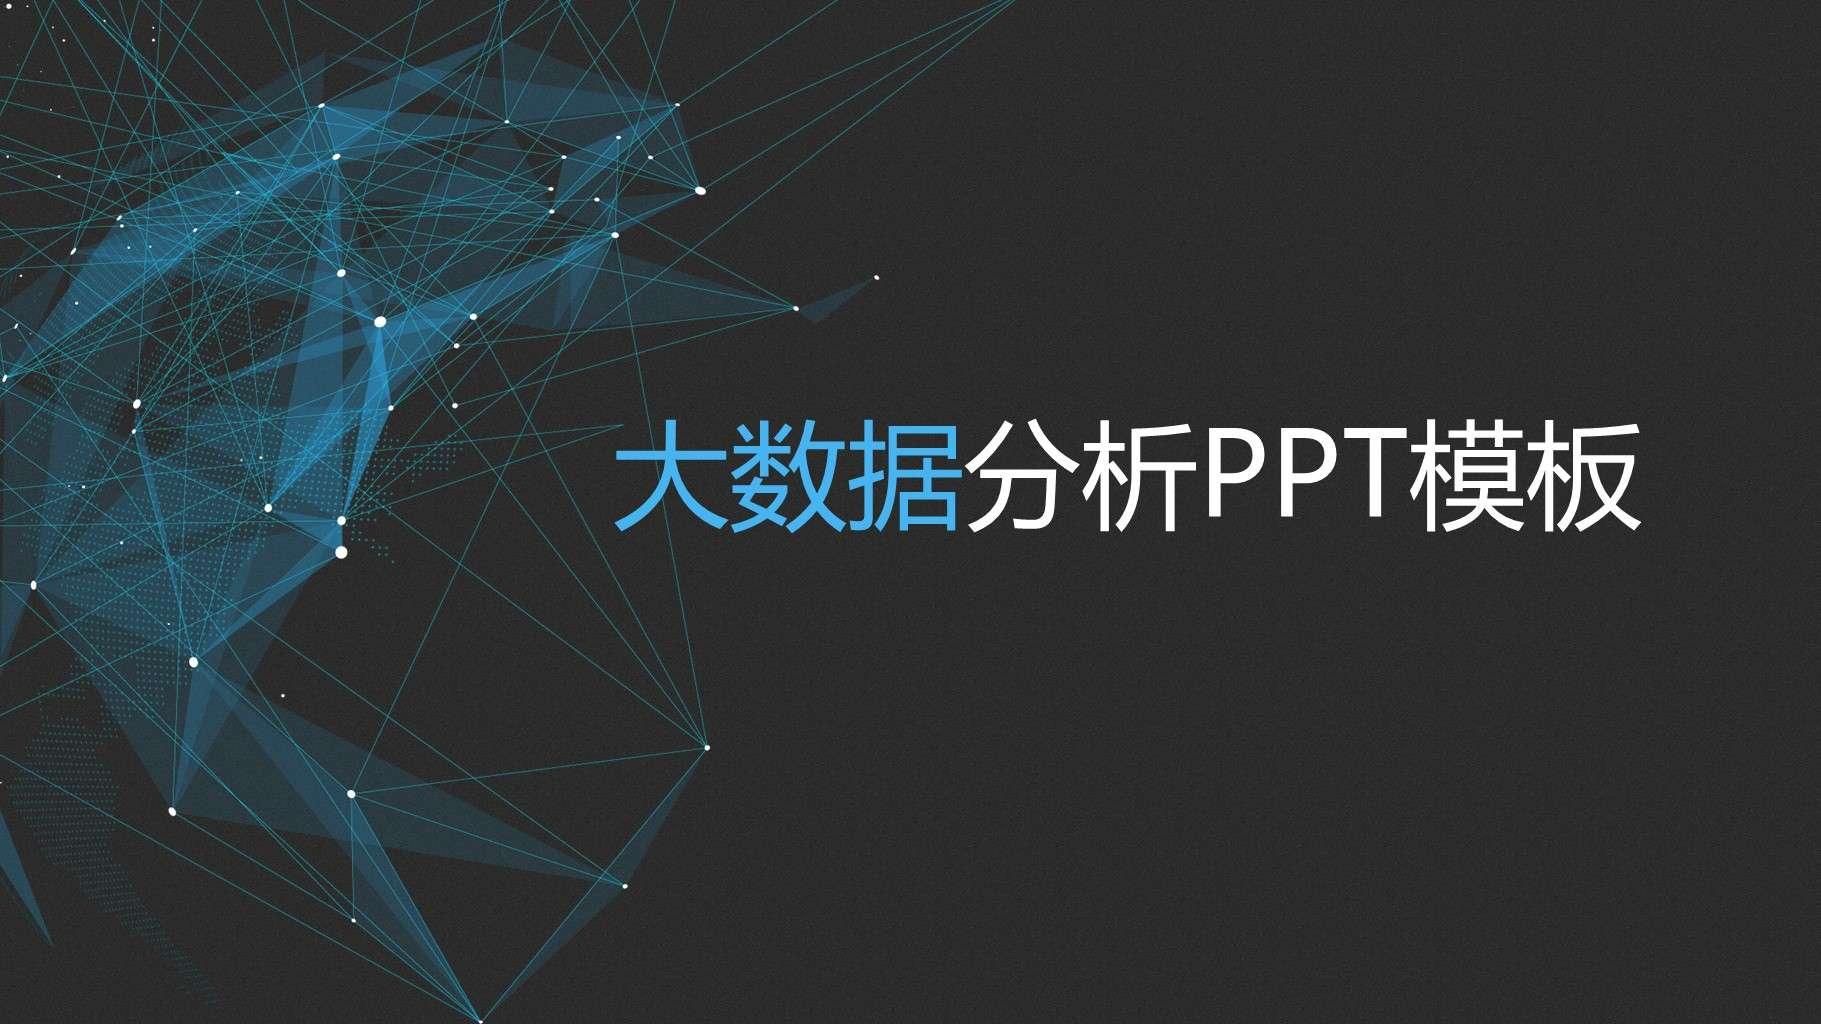 大数据通用汇报PPT模板插图